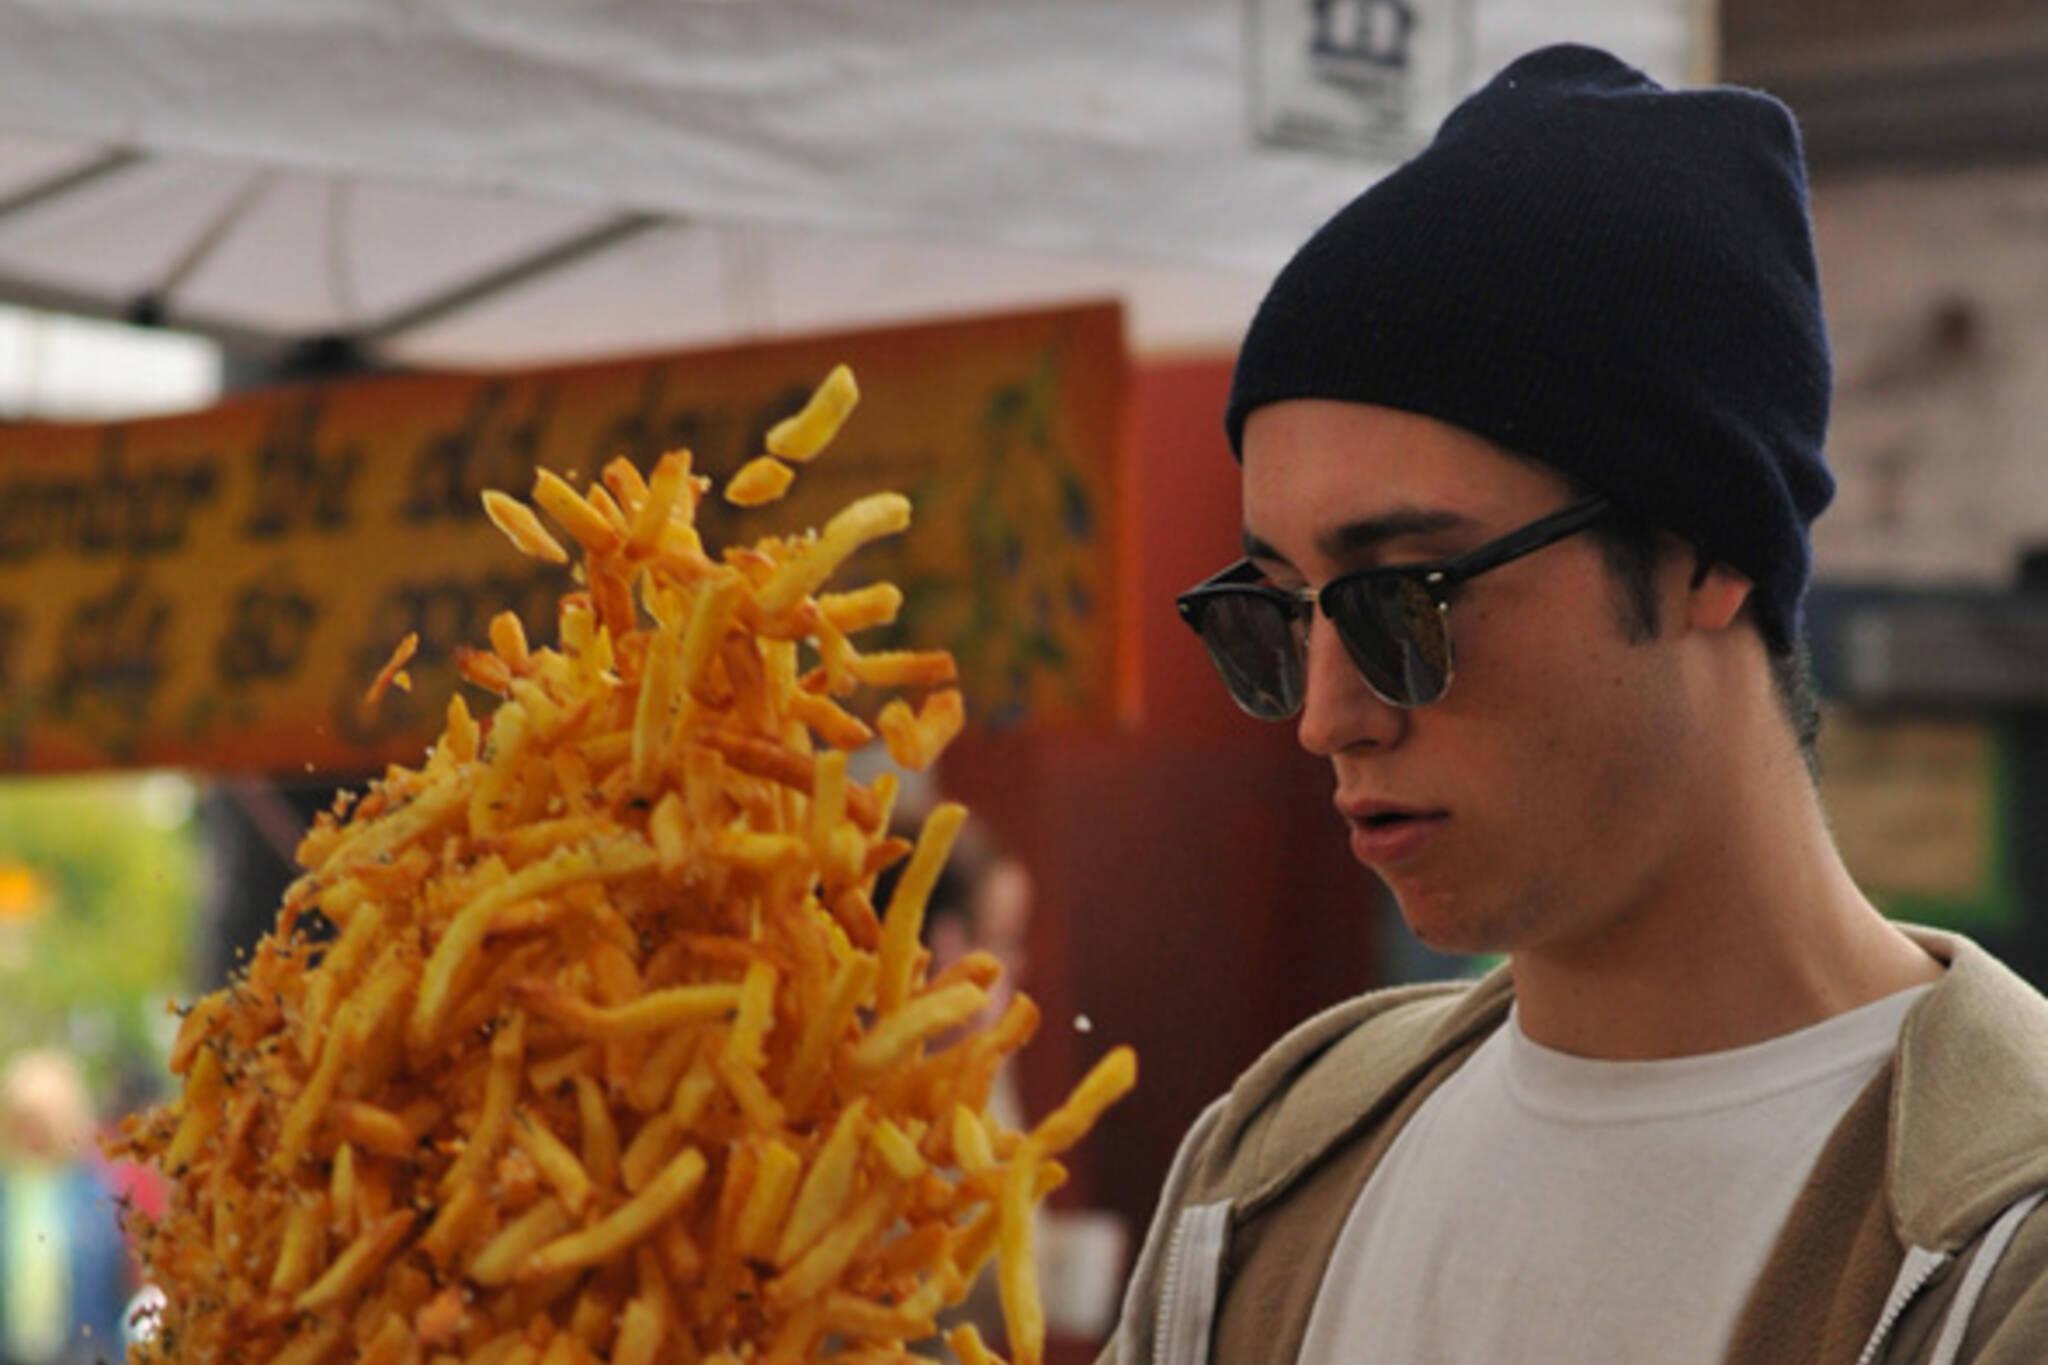 20100929-fries.jpg